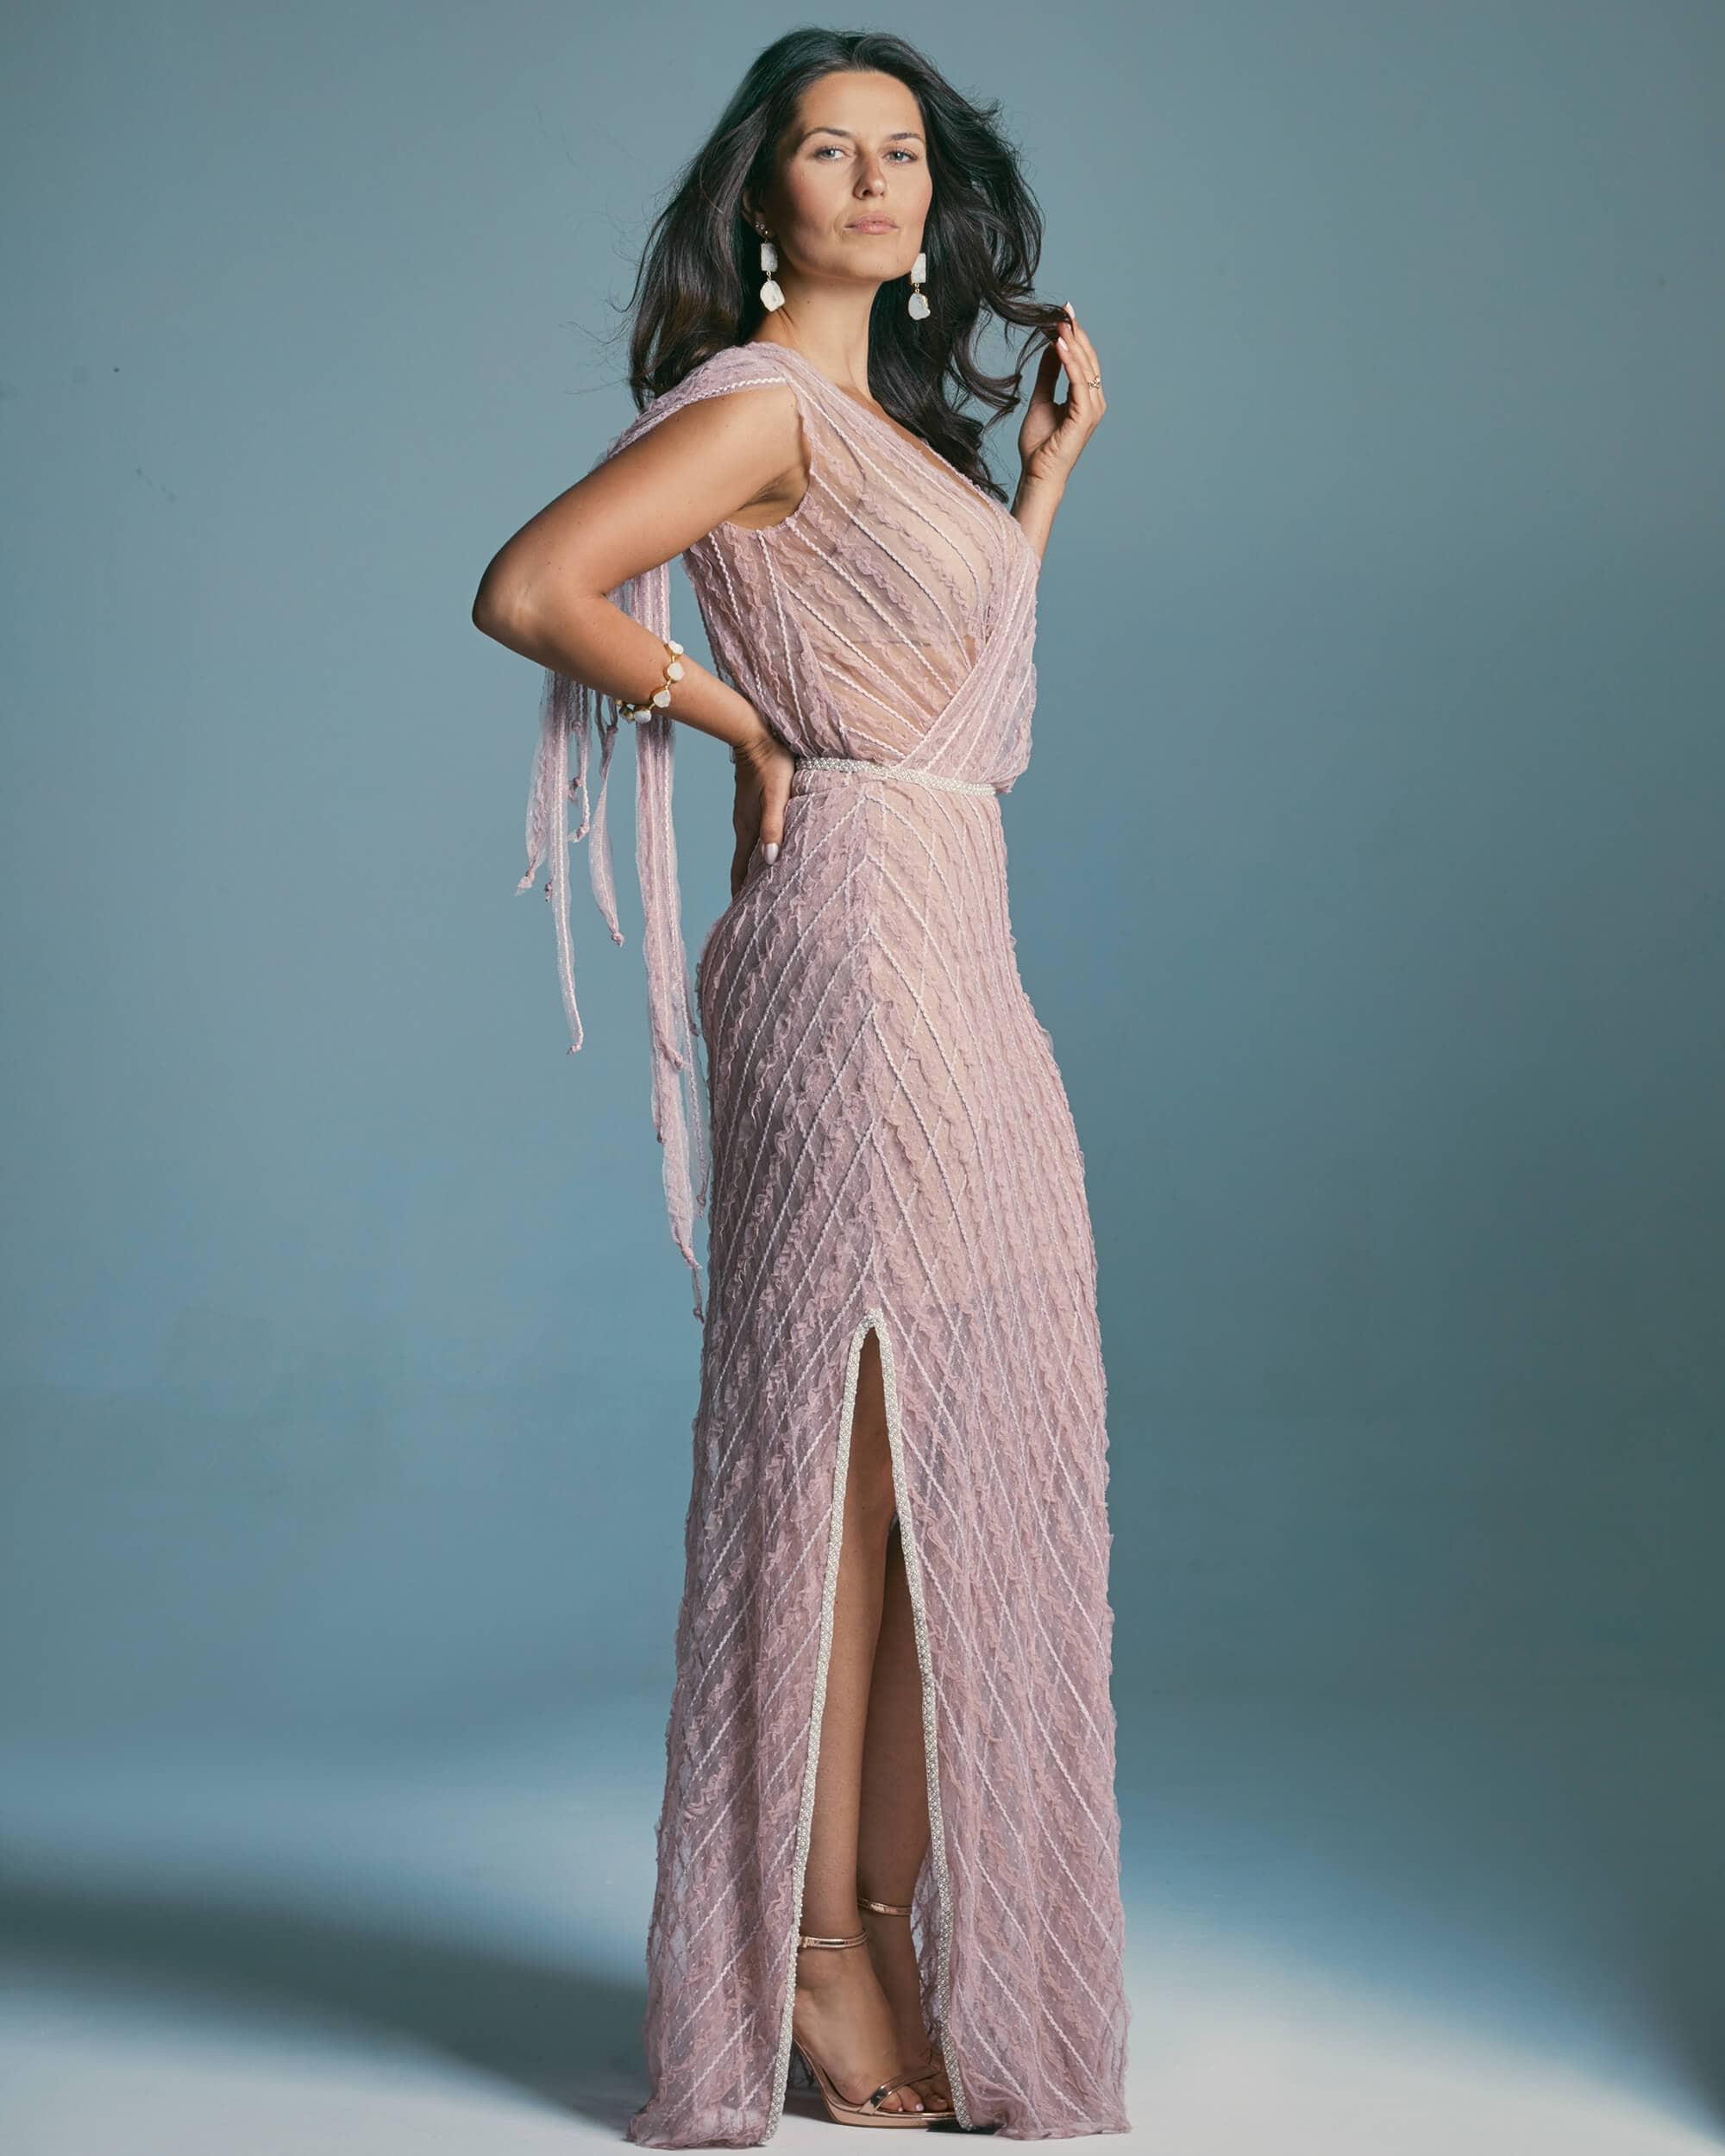 Suknia ślubna maskująca mankamenty figury - Venezia 3